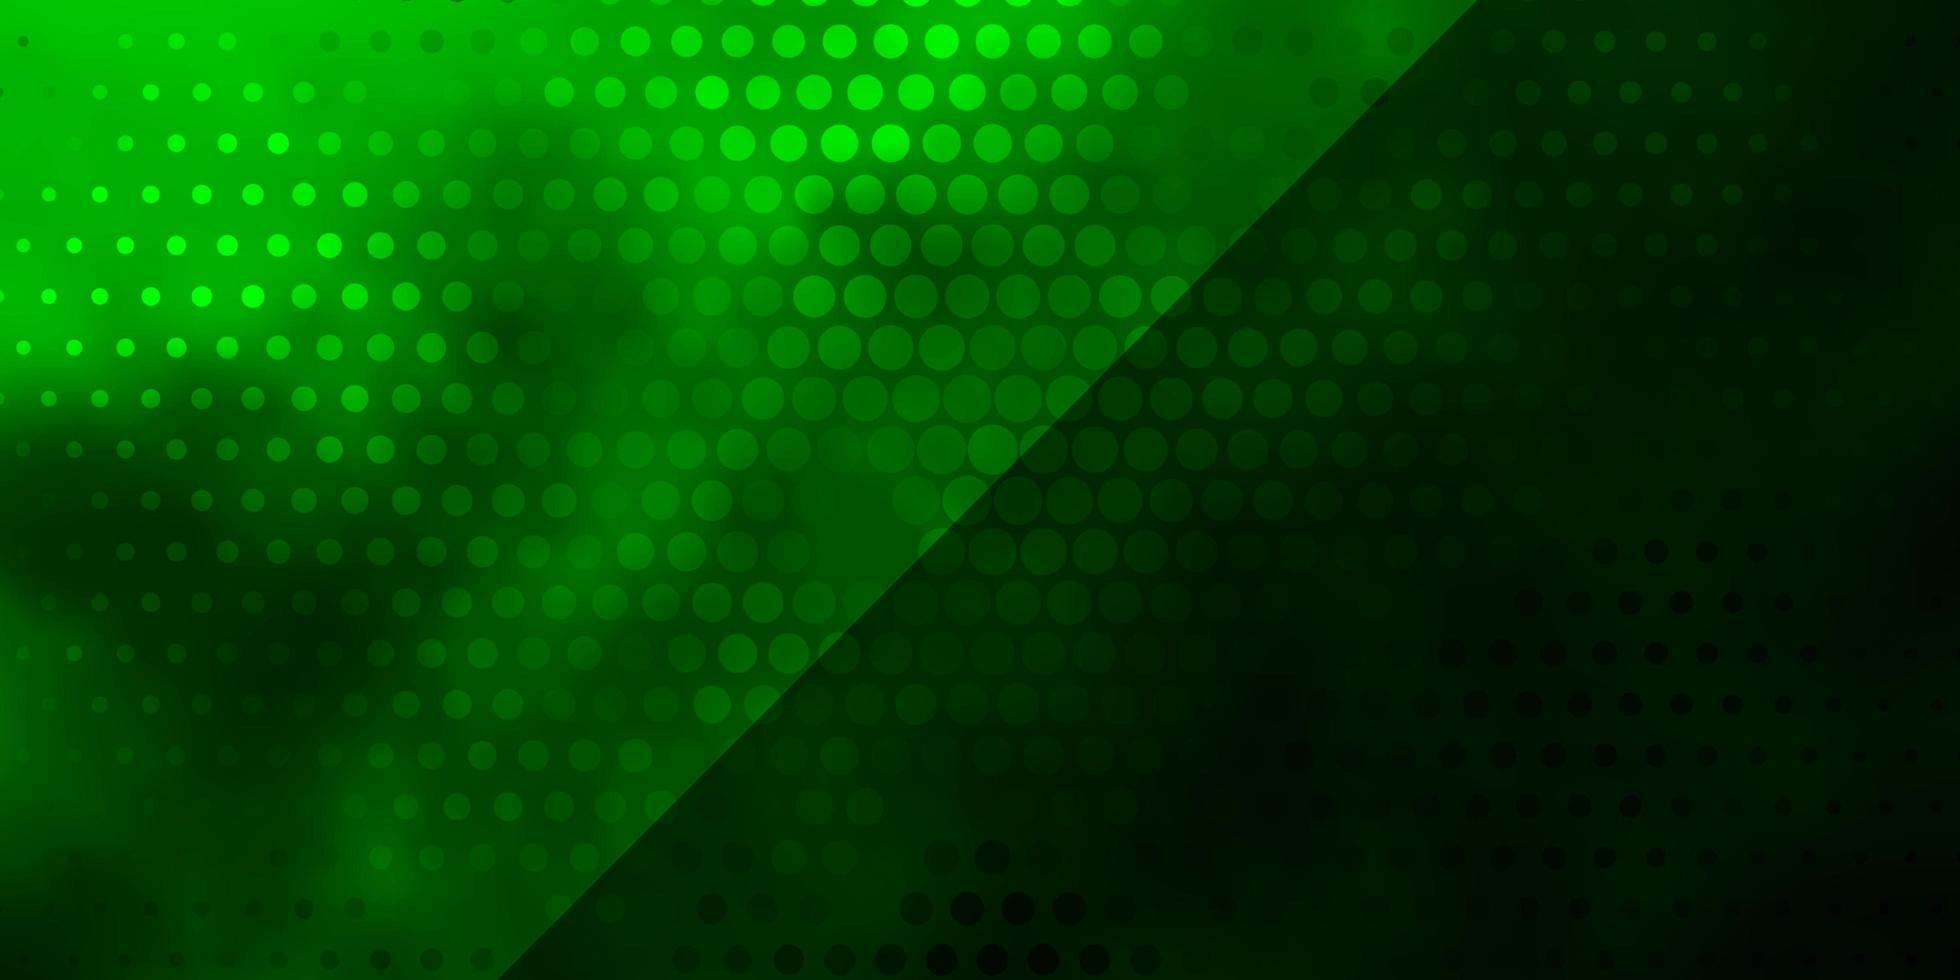 fundo verde claro do vetor com círculos.